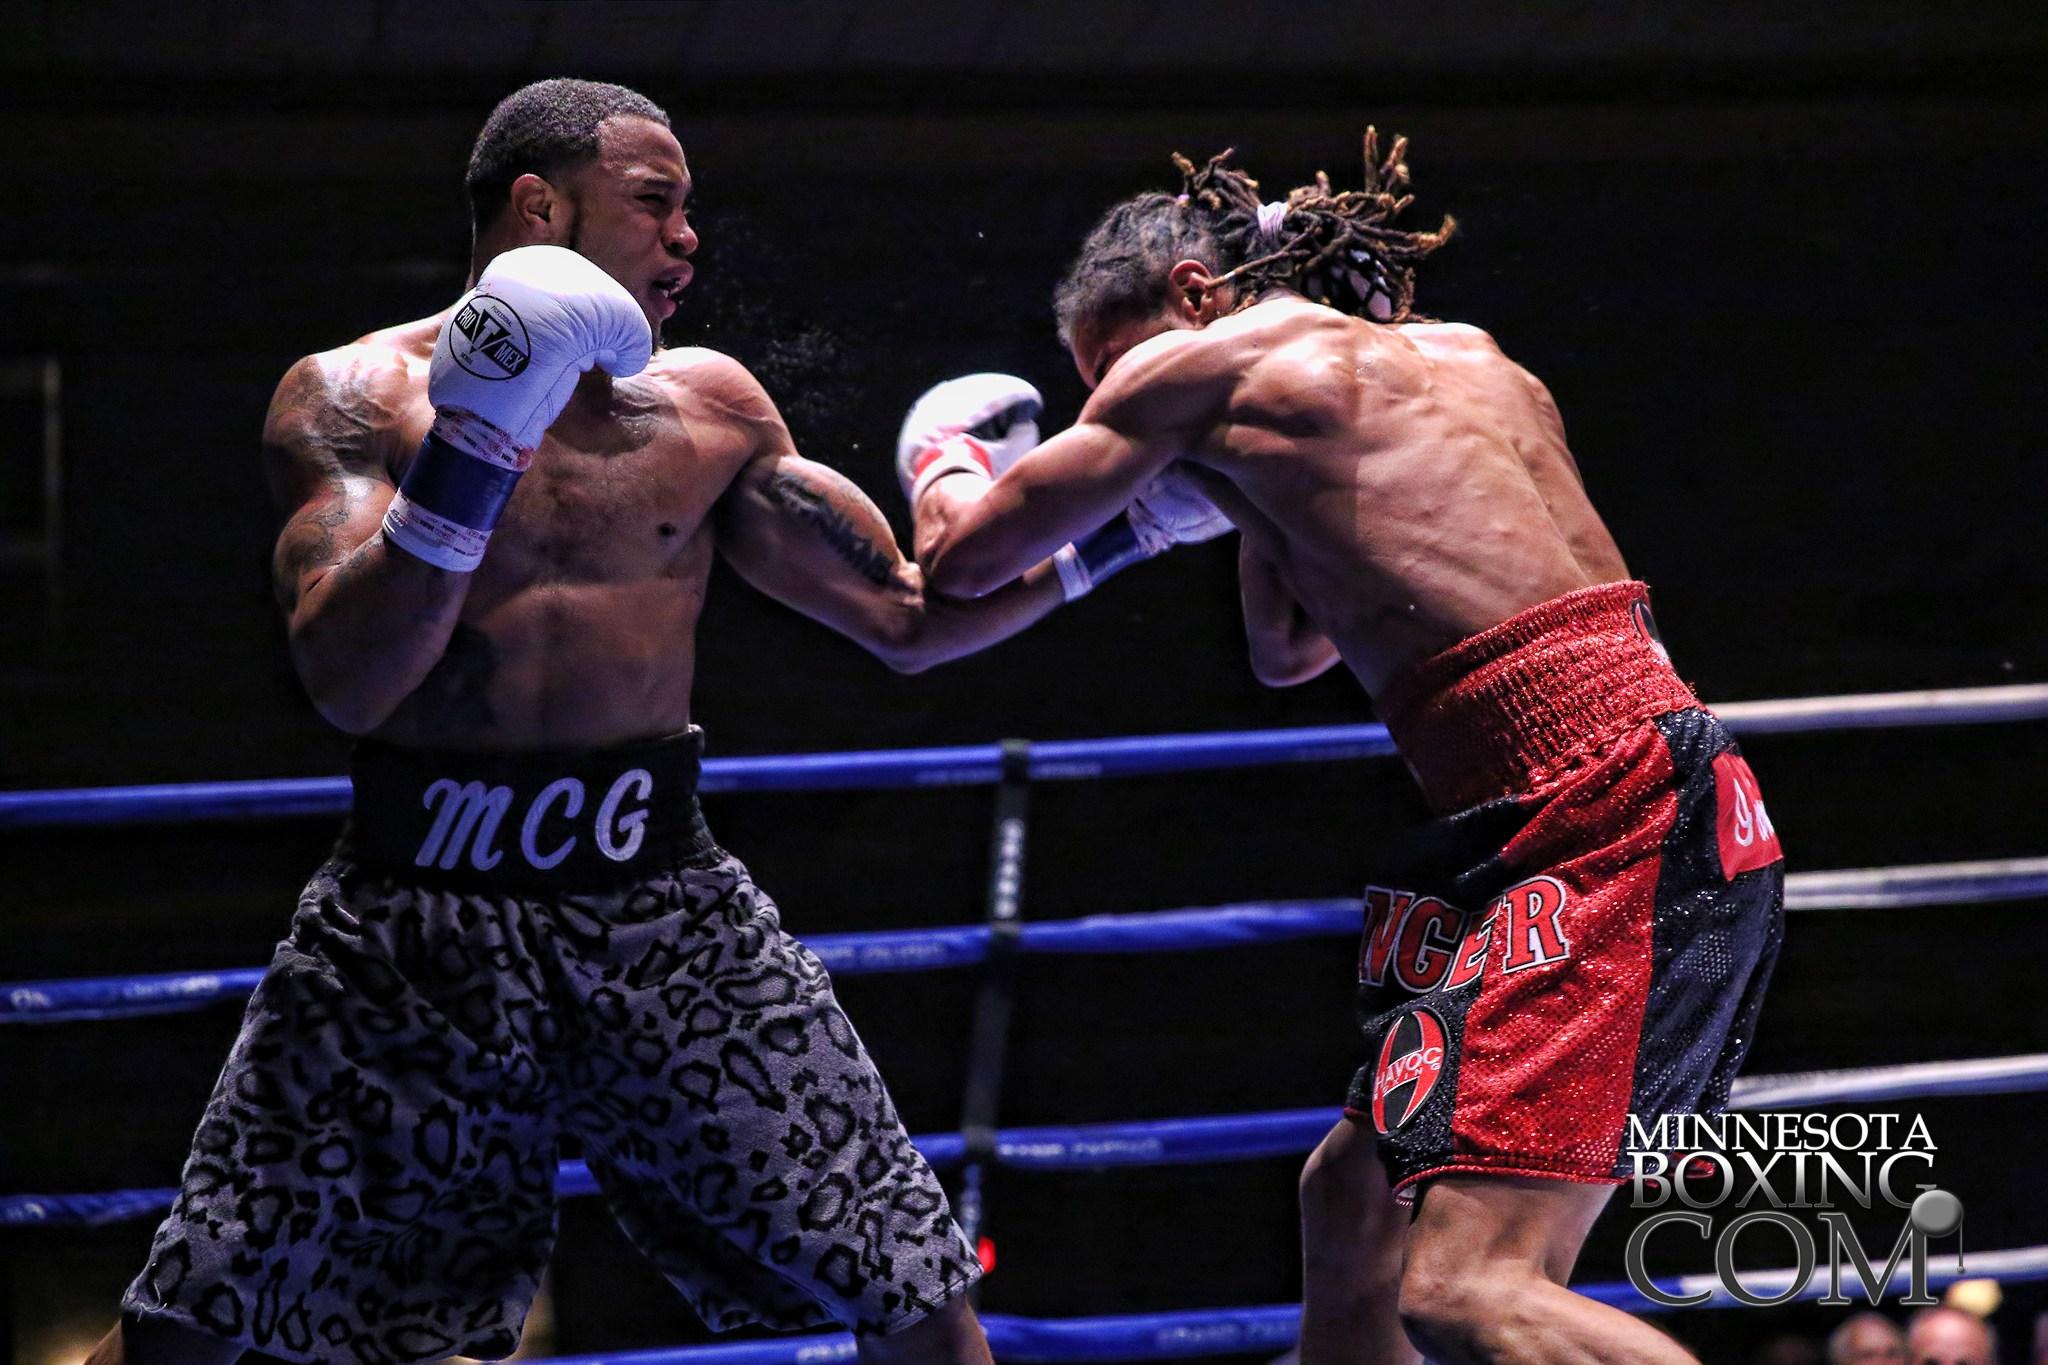 Boxing matches at Grand Casino Hinckley image Caraway